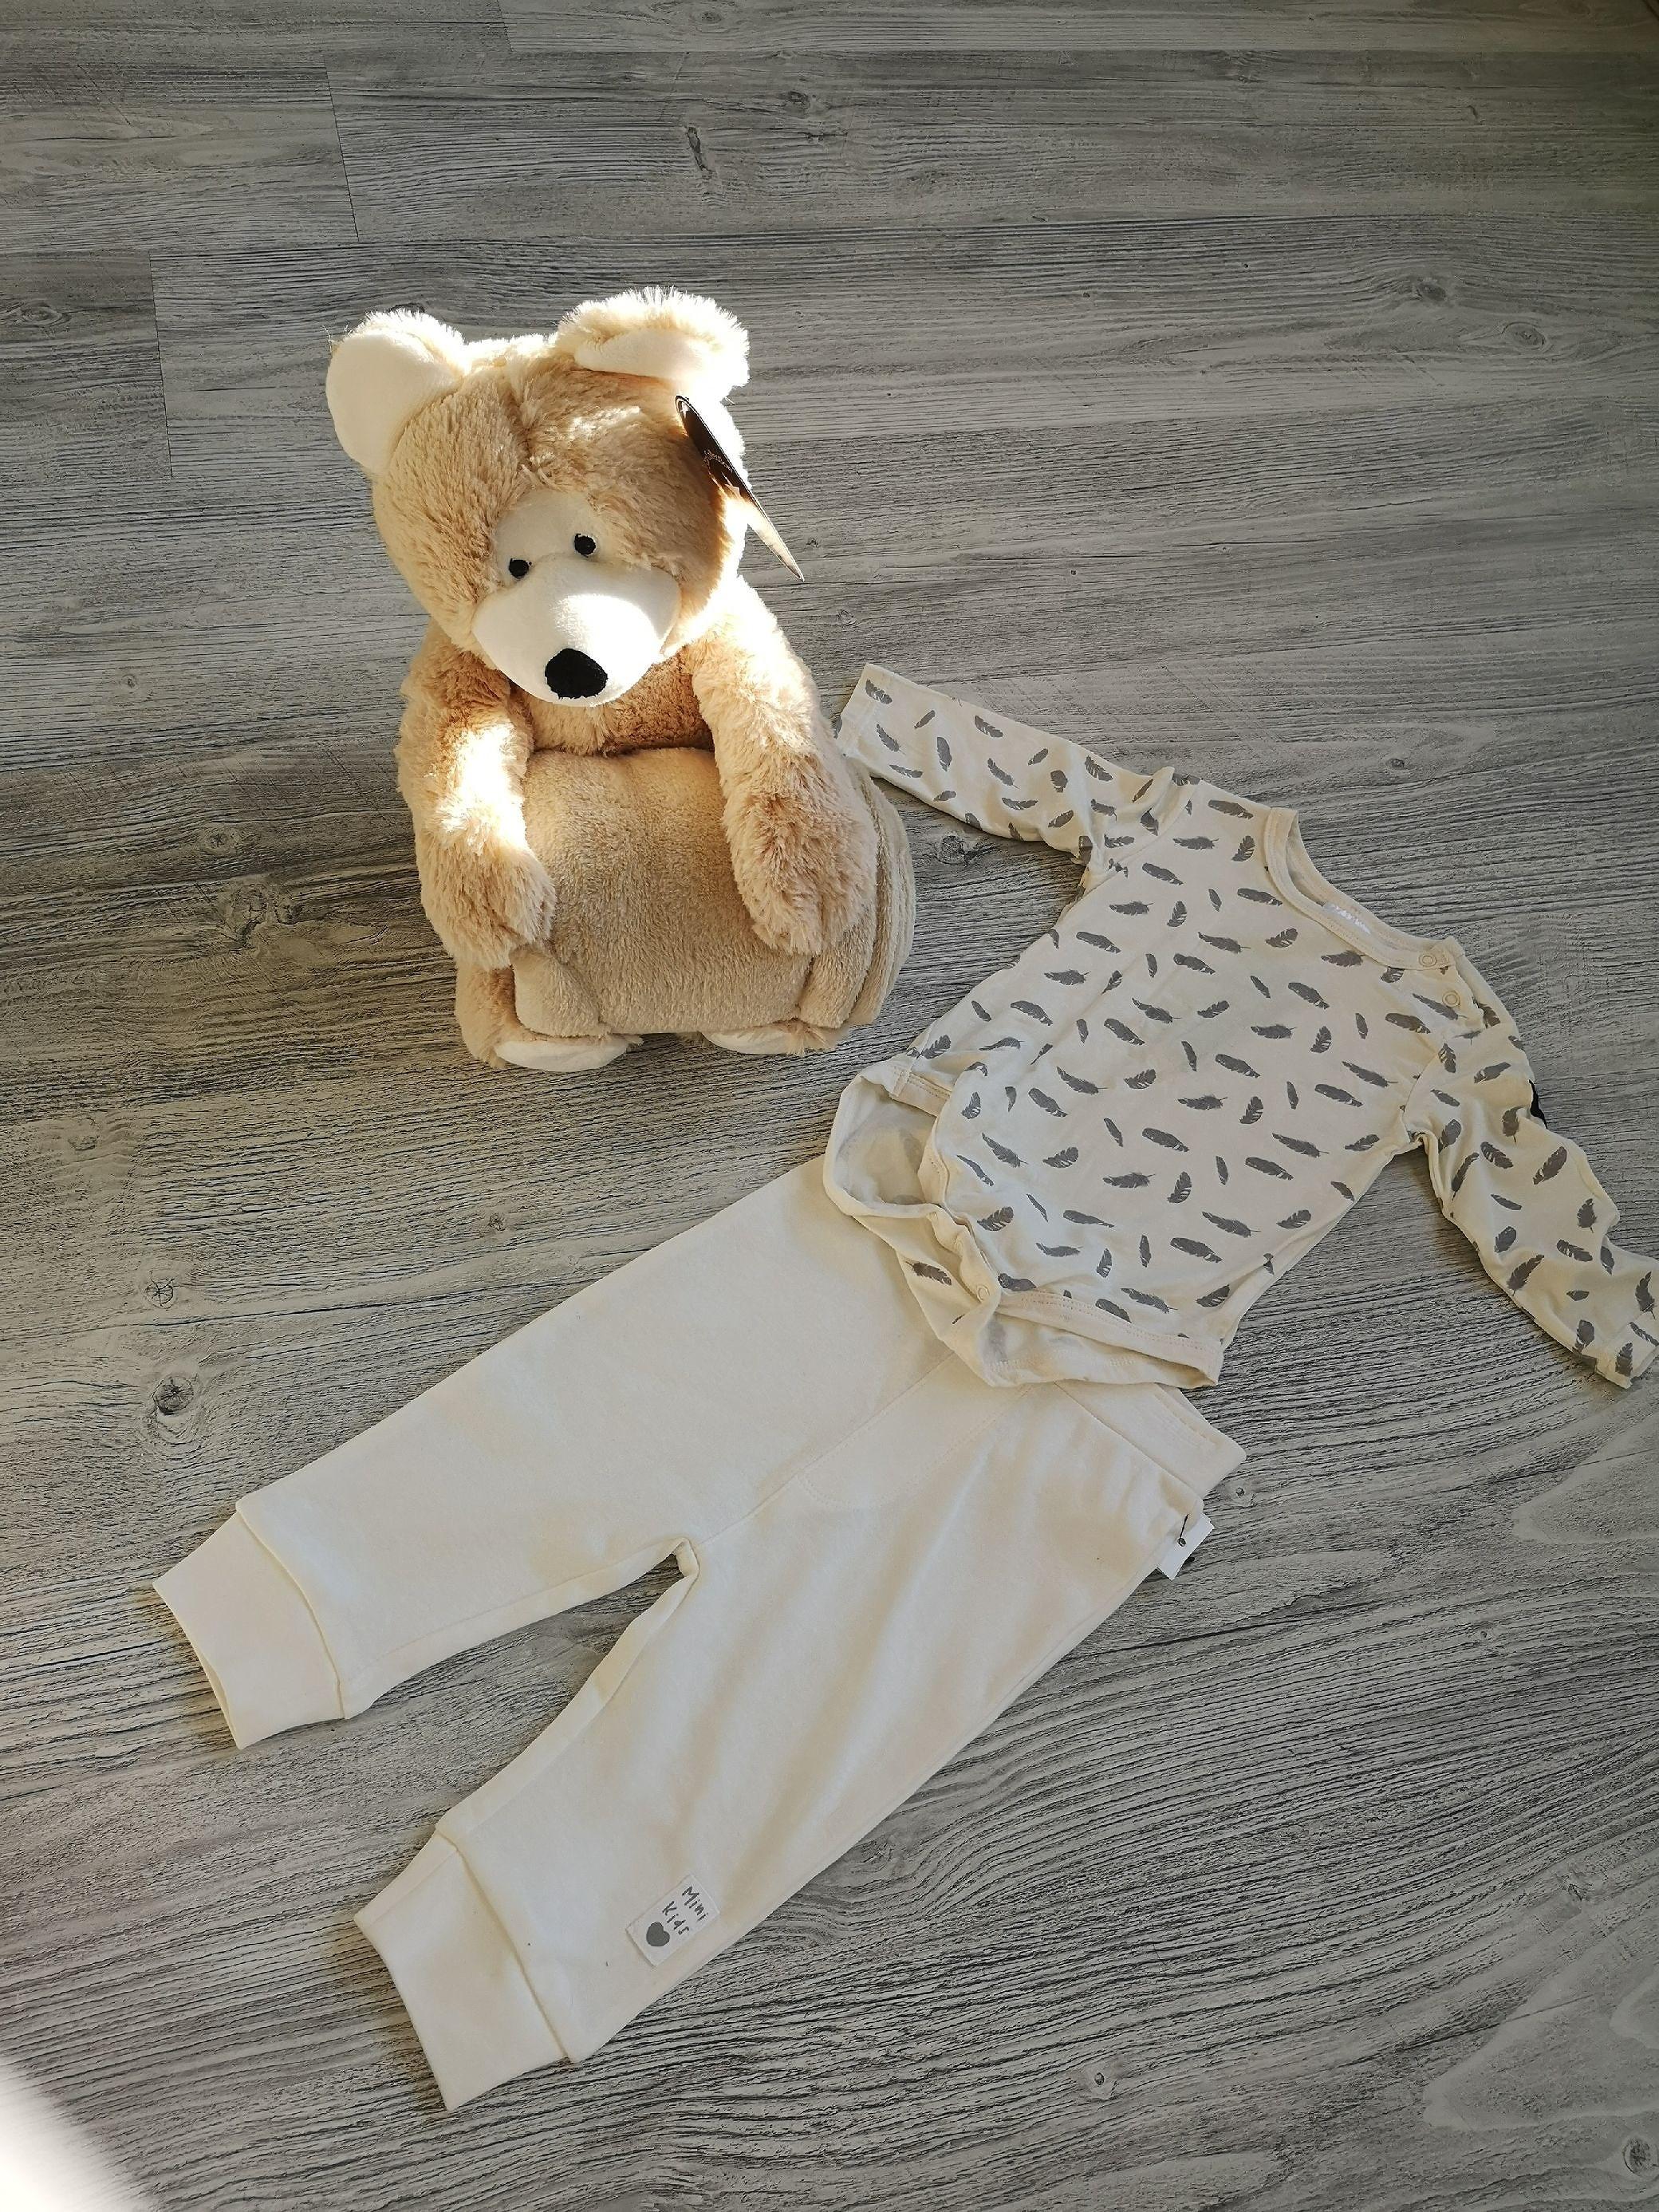 köpte bebisens första klädesplagg